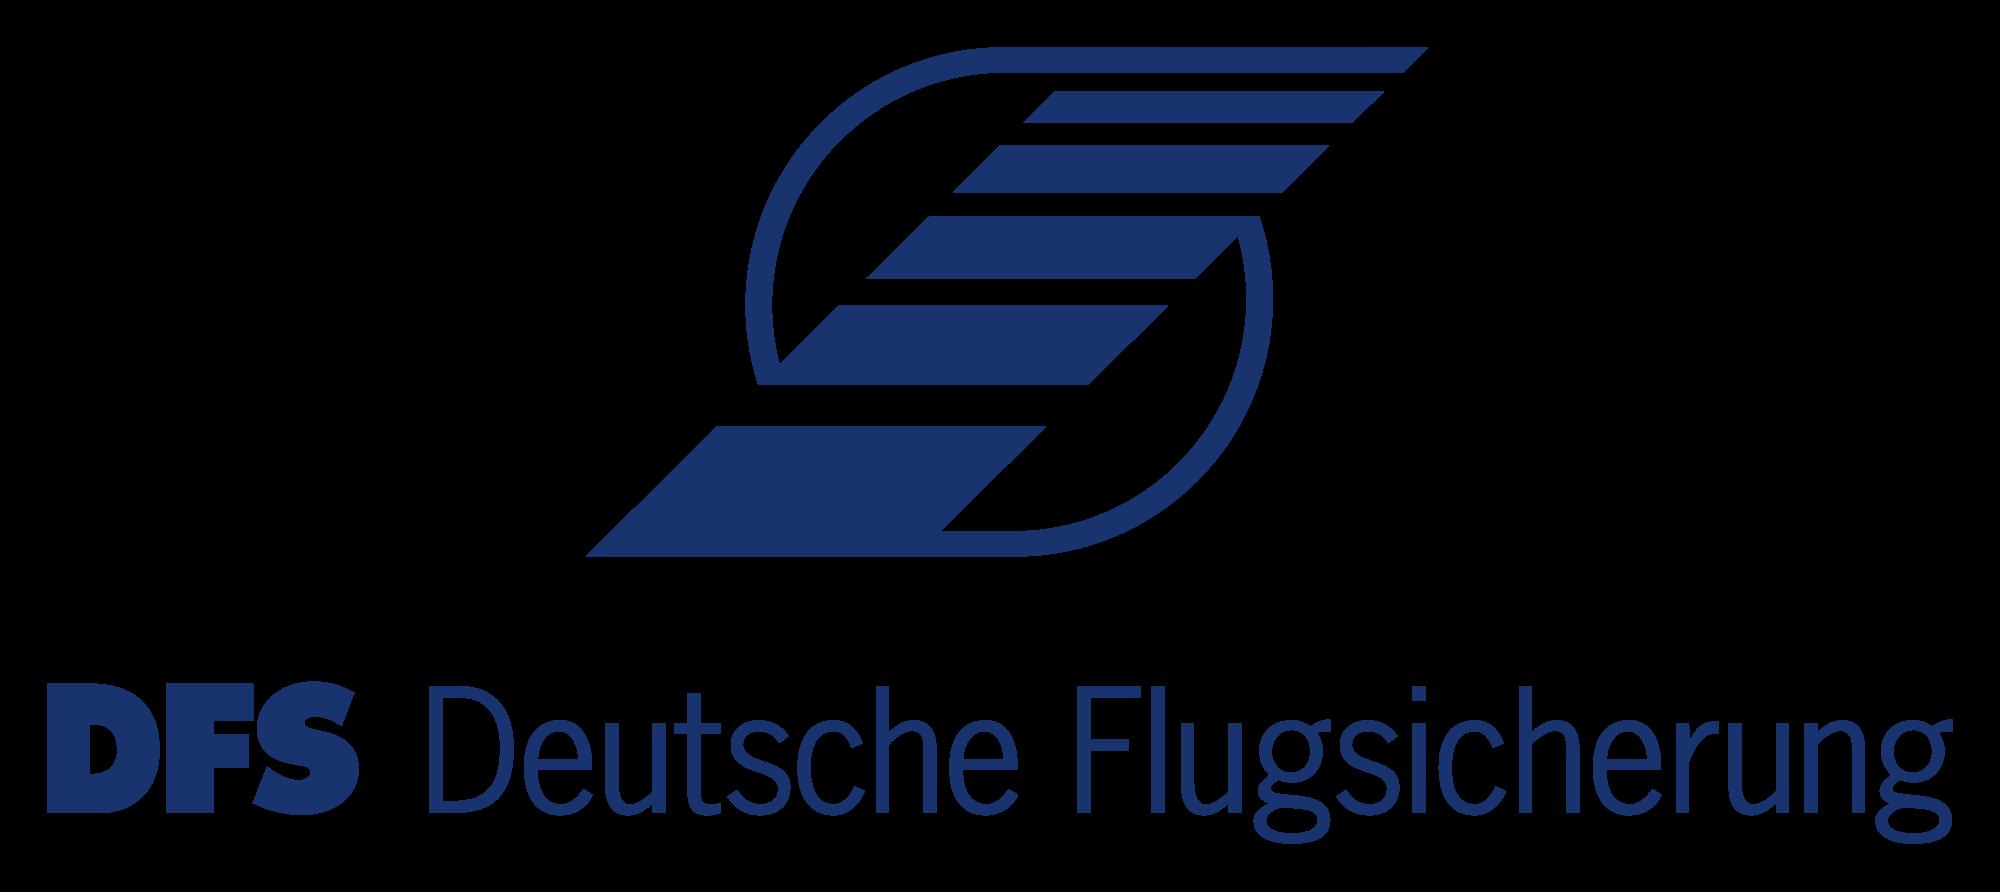 Deutsche Flugsicherung Logo